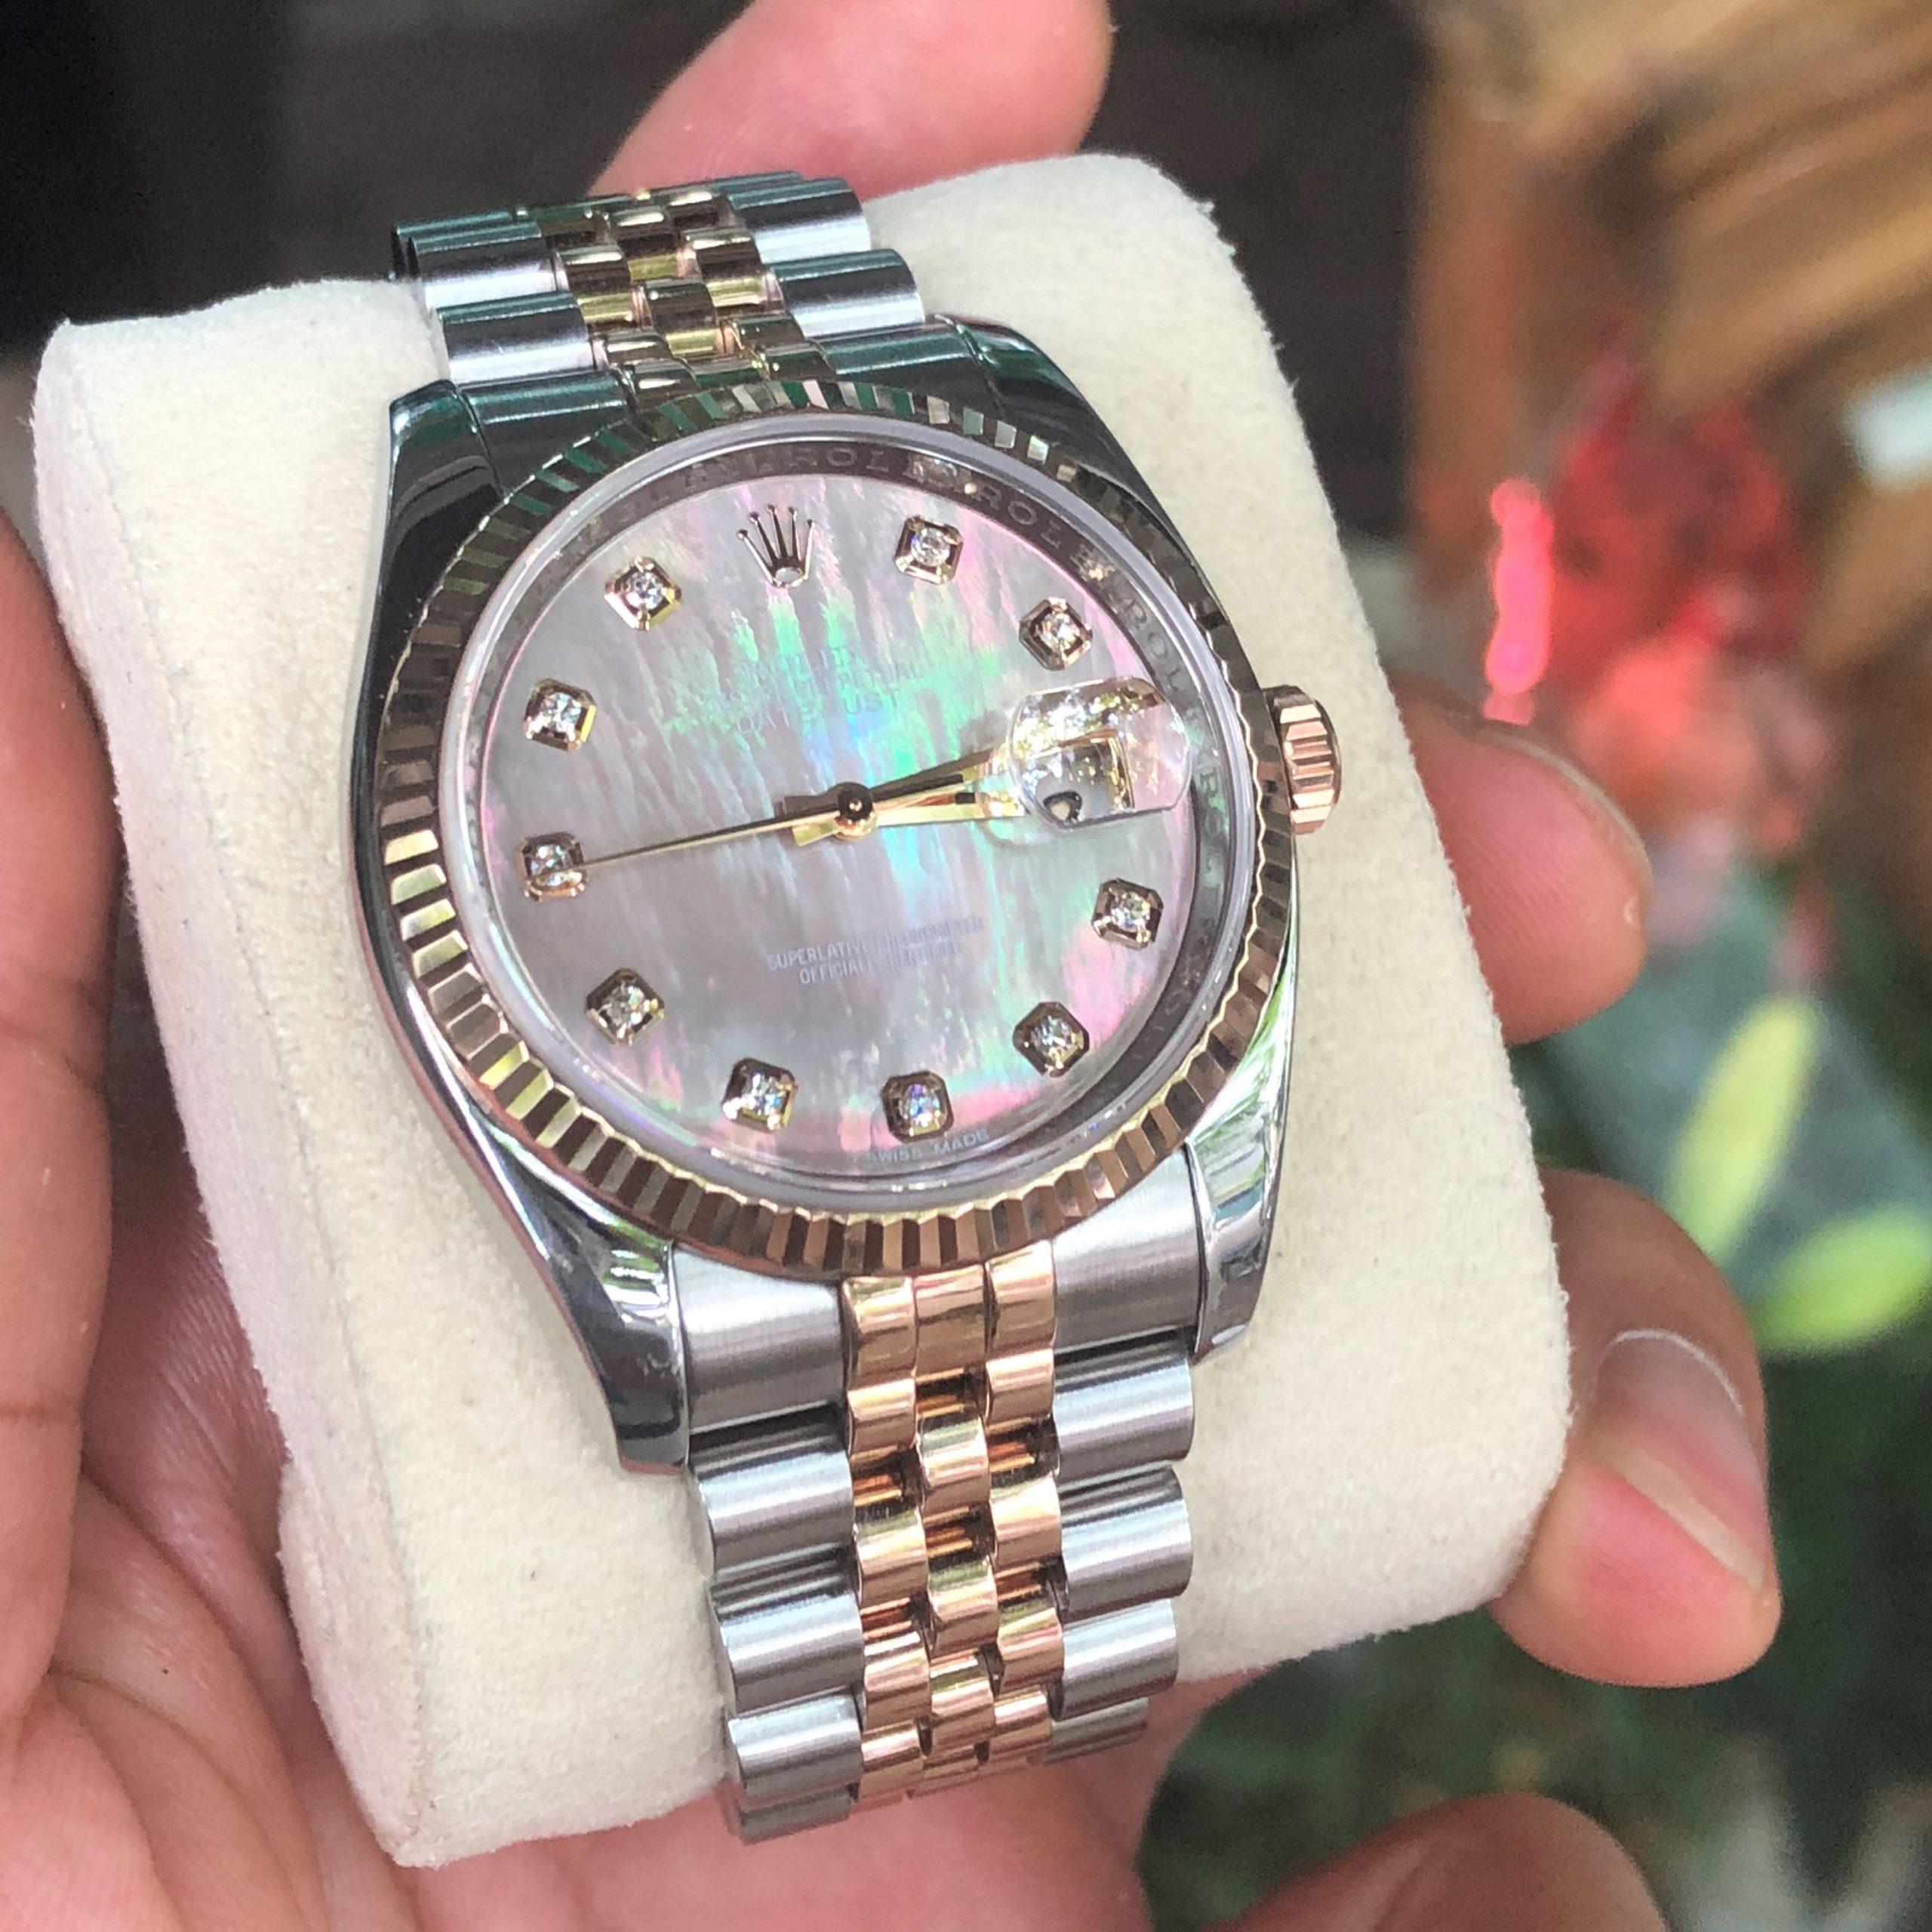 Rolex 116231 mặt ốc tím demi vàng 18k có thẻ mềm năm 2018